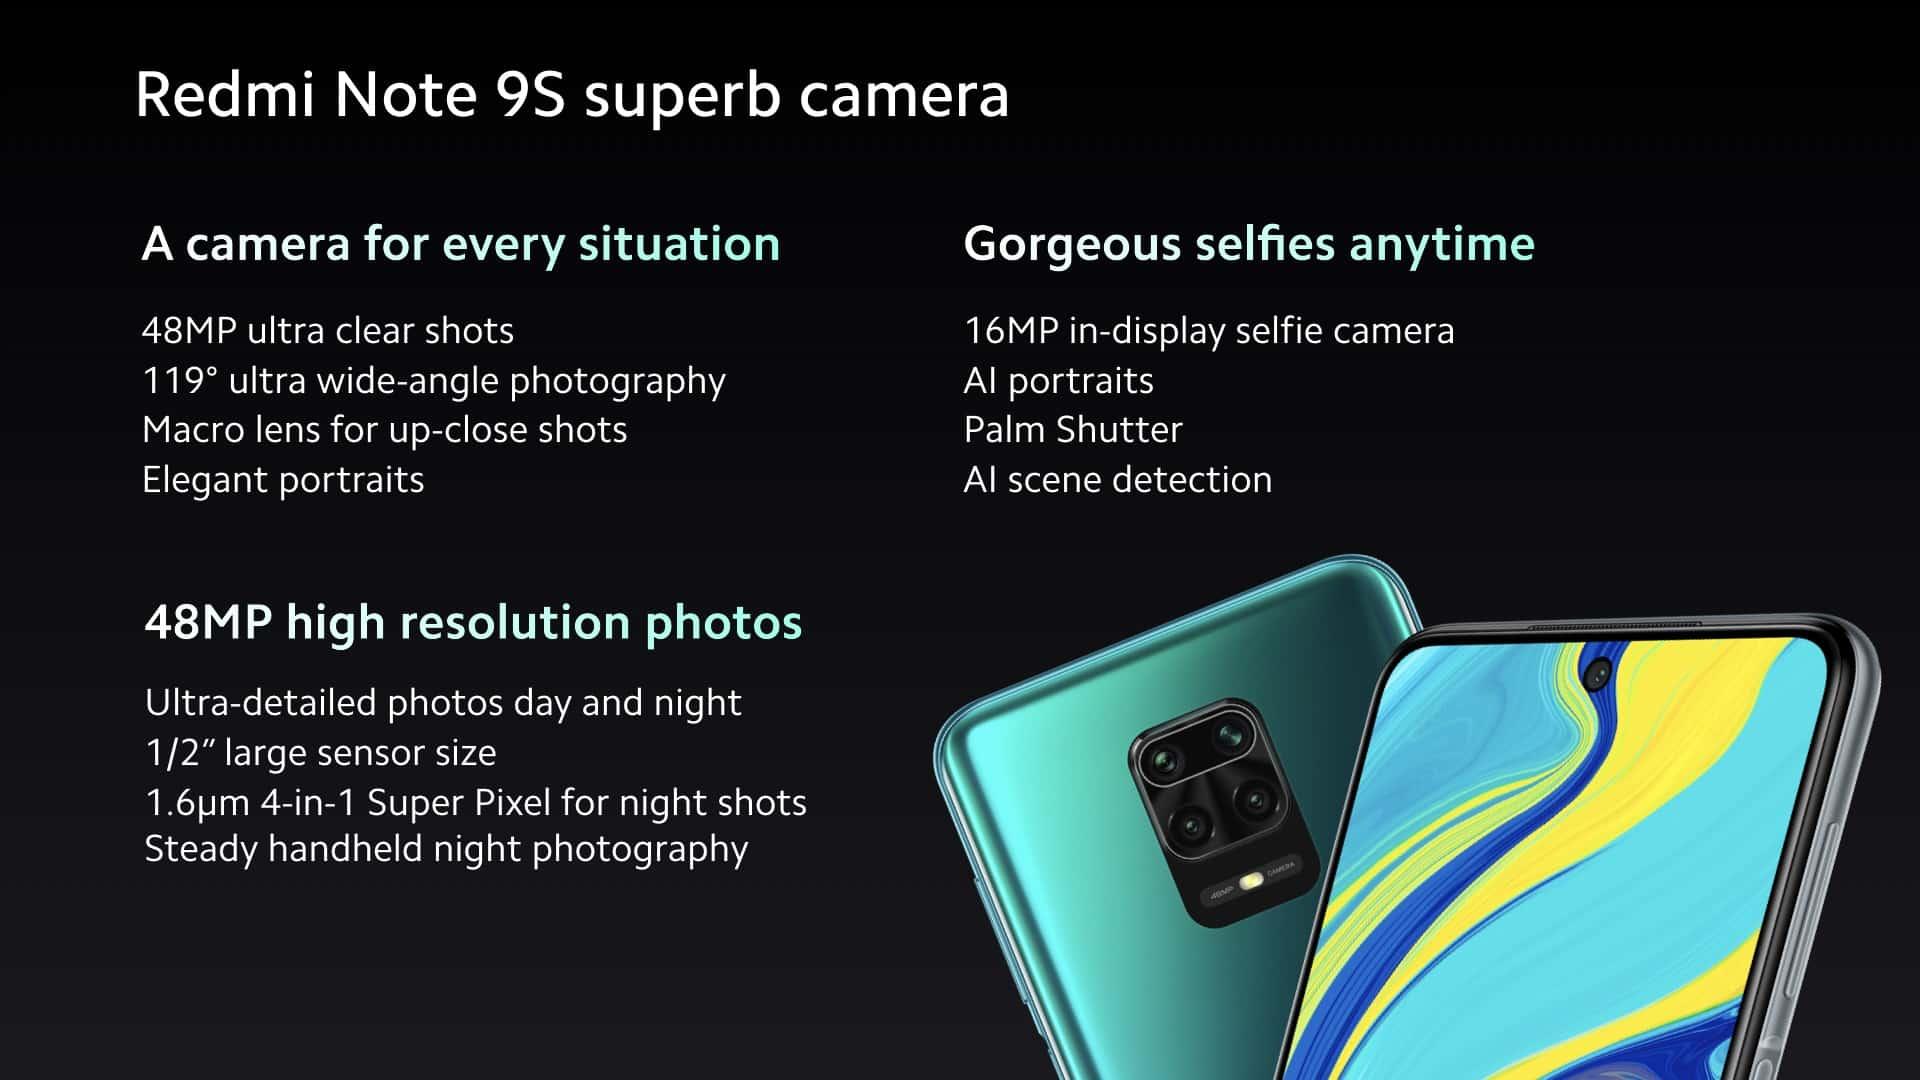 Redmi Note 9S image 10